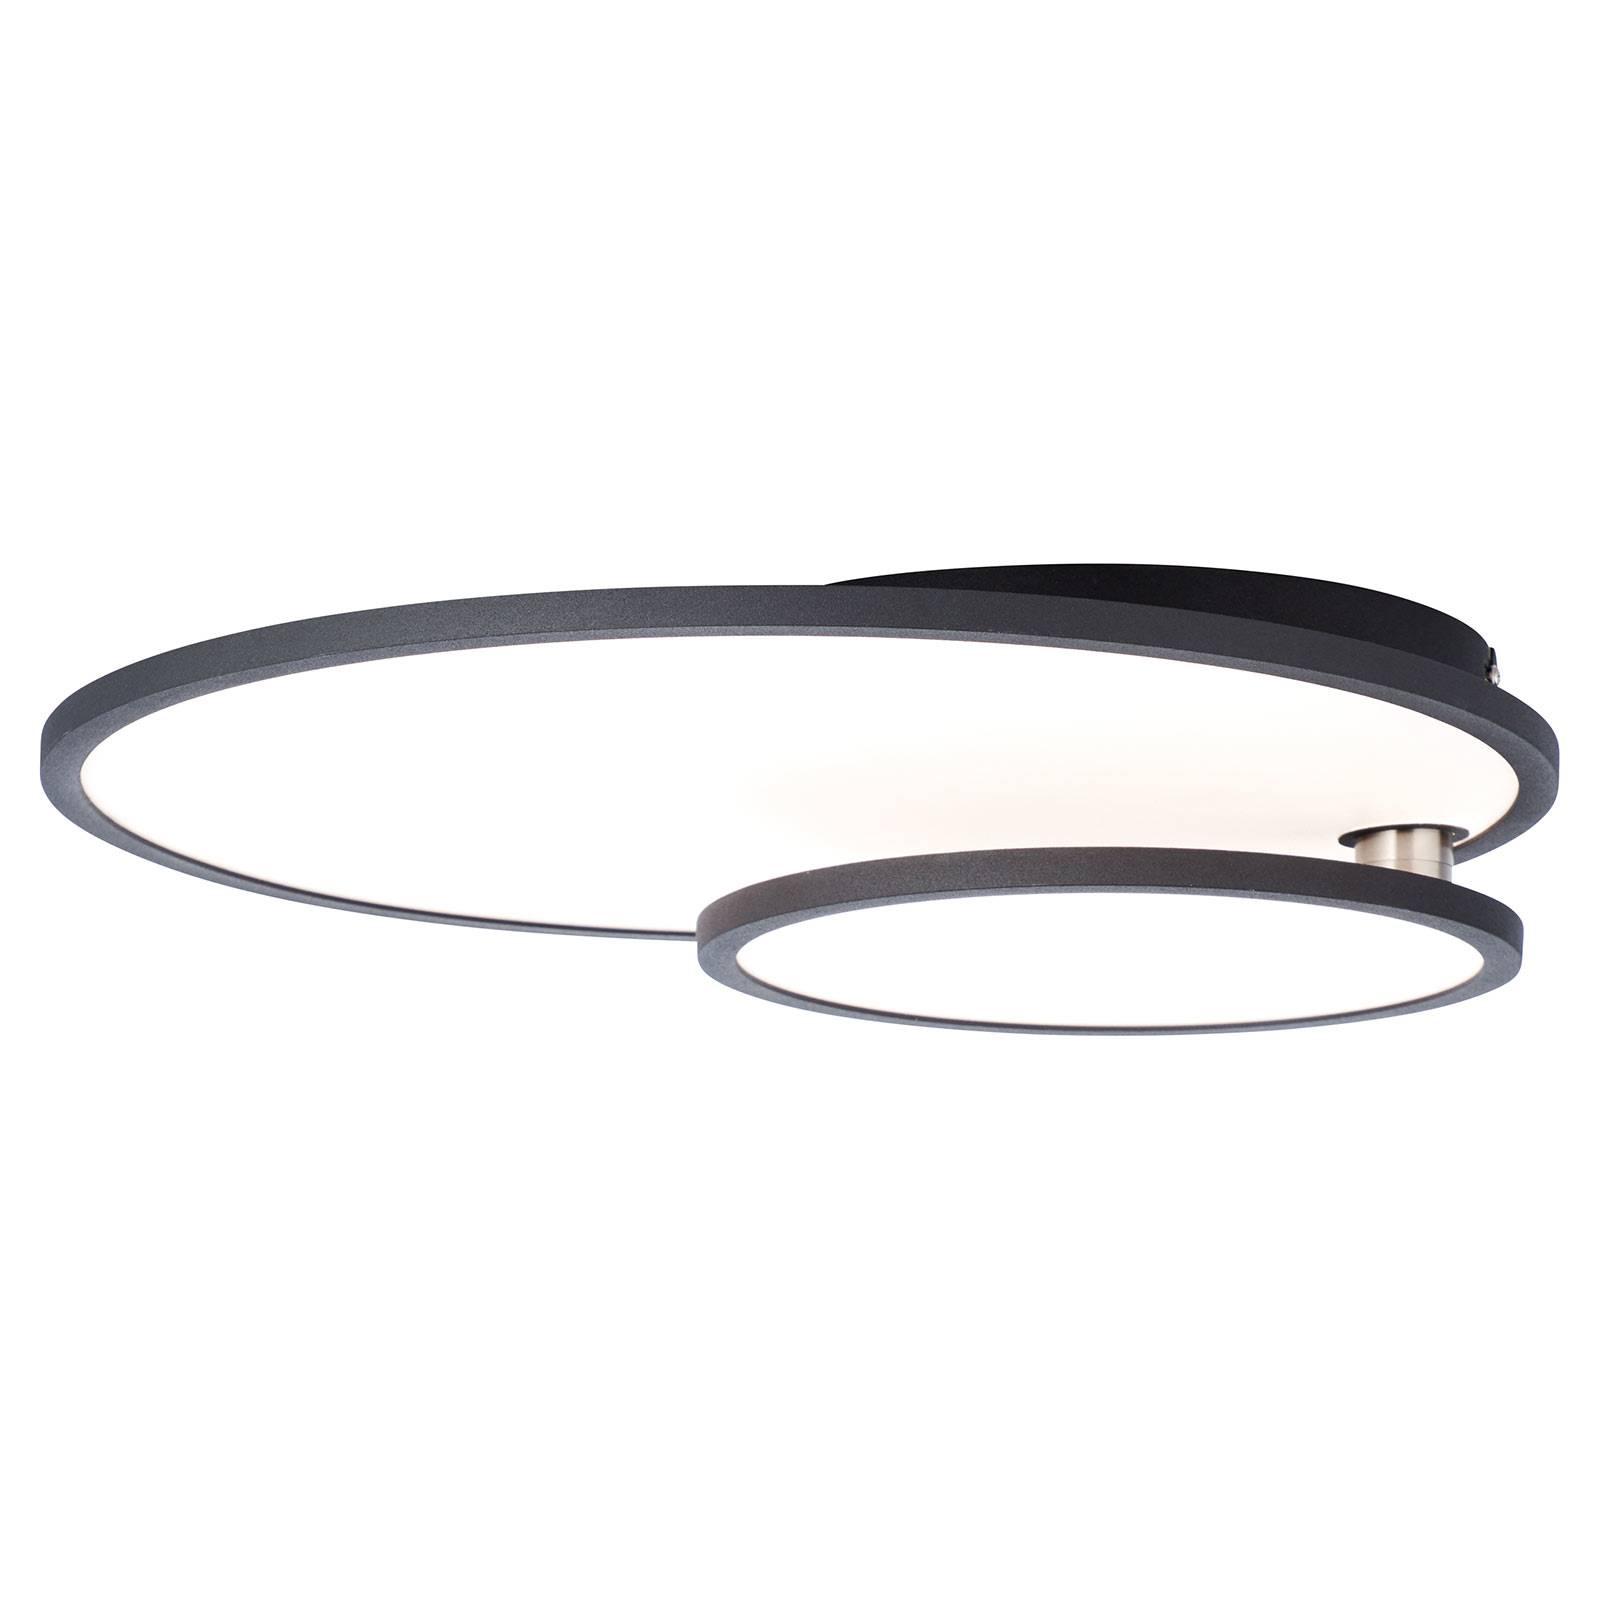 Lampa sufitowa LED Bility, okrągła, czarna ramka